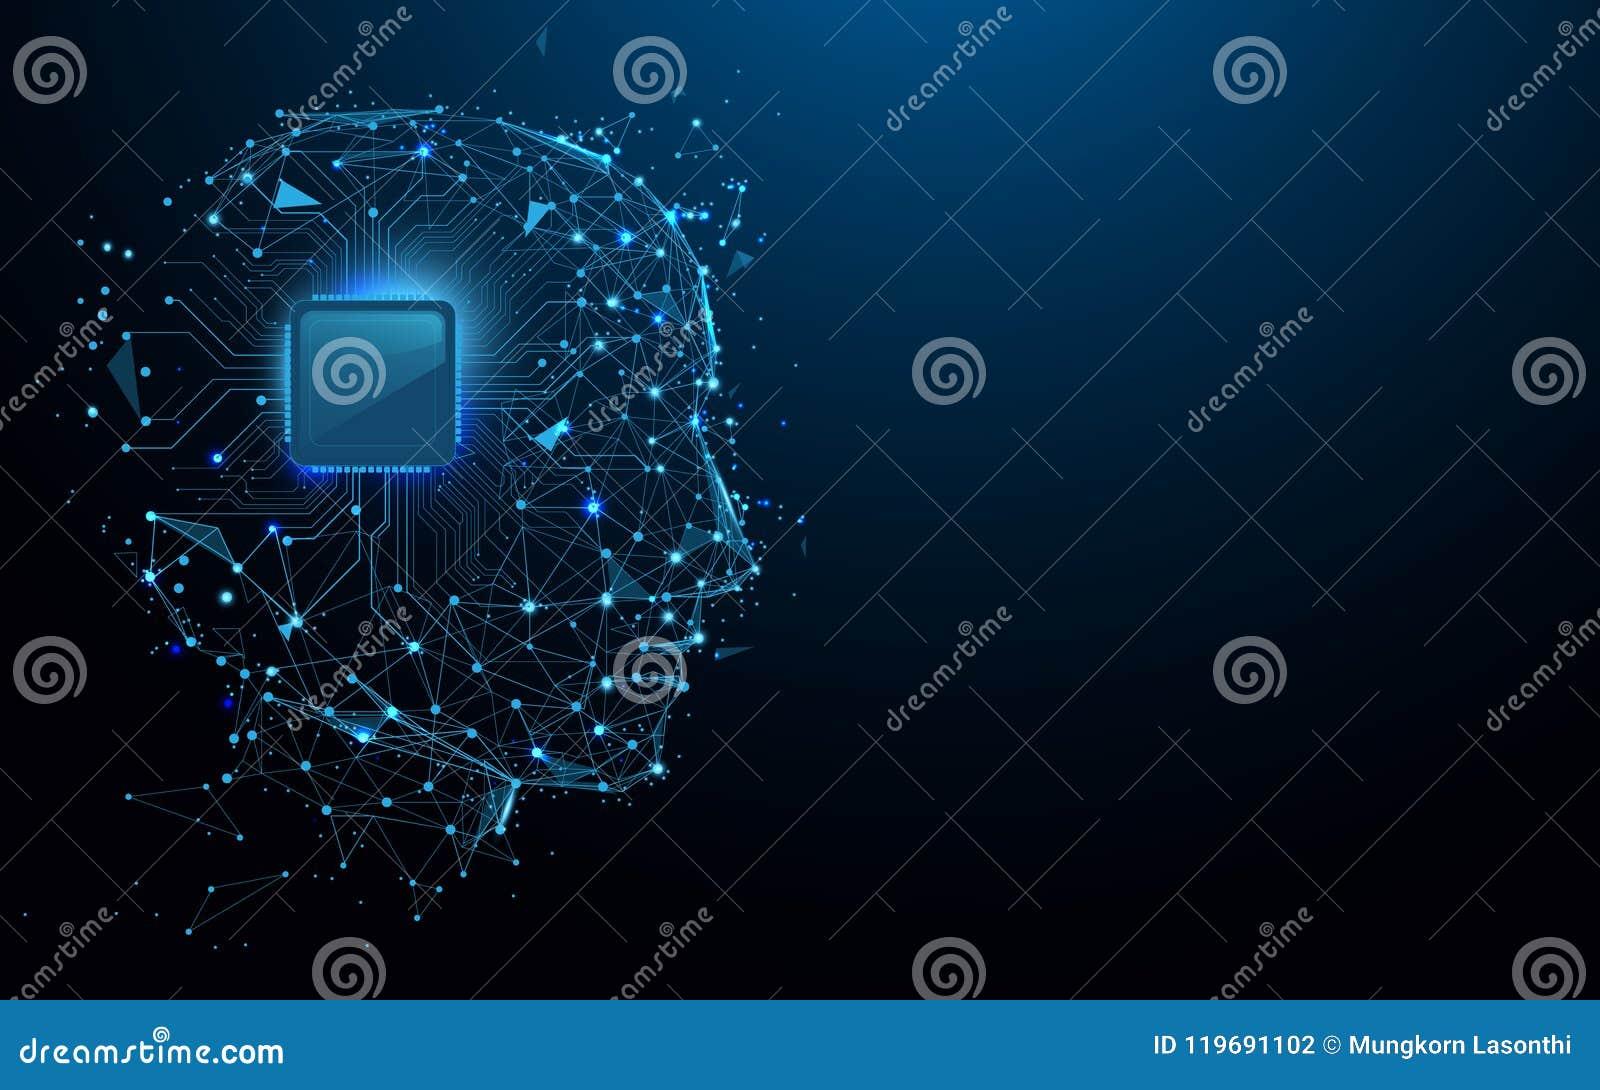 Το κεφάλι και το τσιπ υπολογιστή διαμορφώνουν τις γραμμές, τα τρίγωνα και το σχέδιο ύφους μορίων